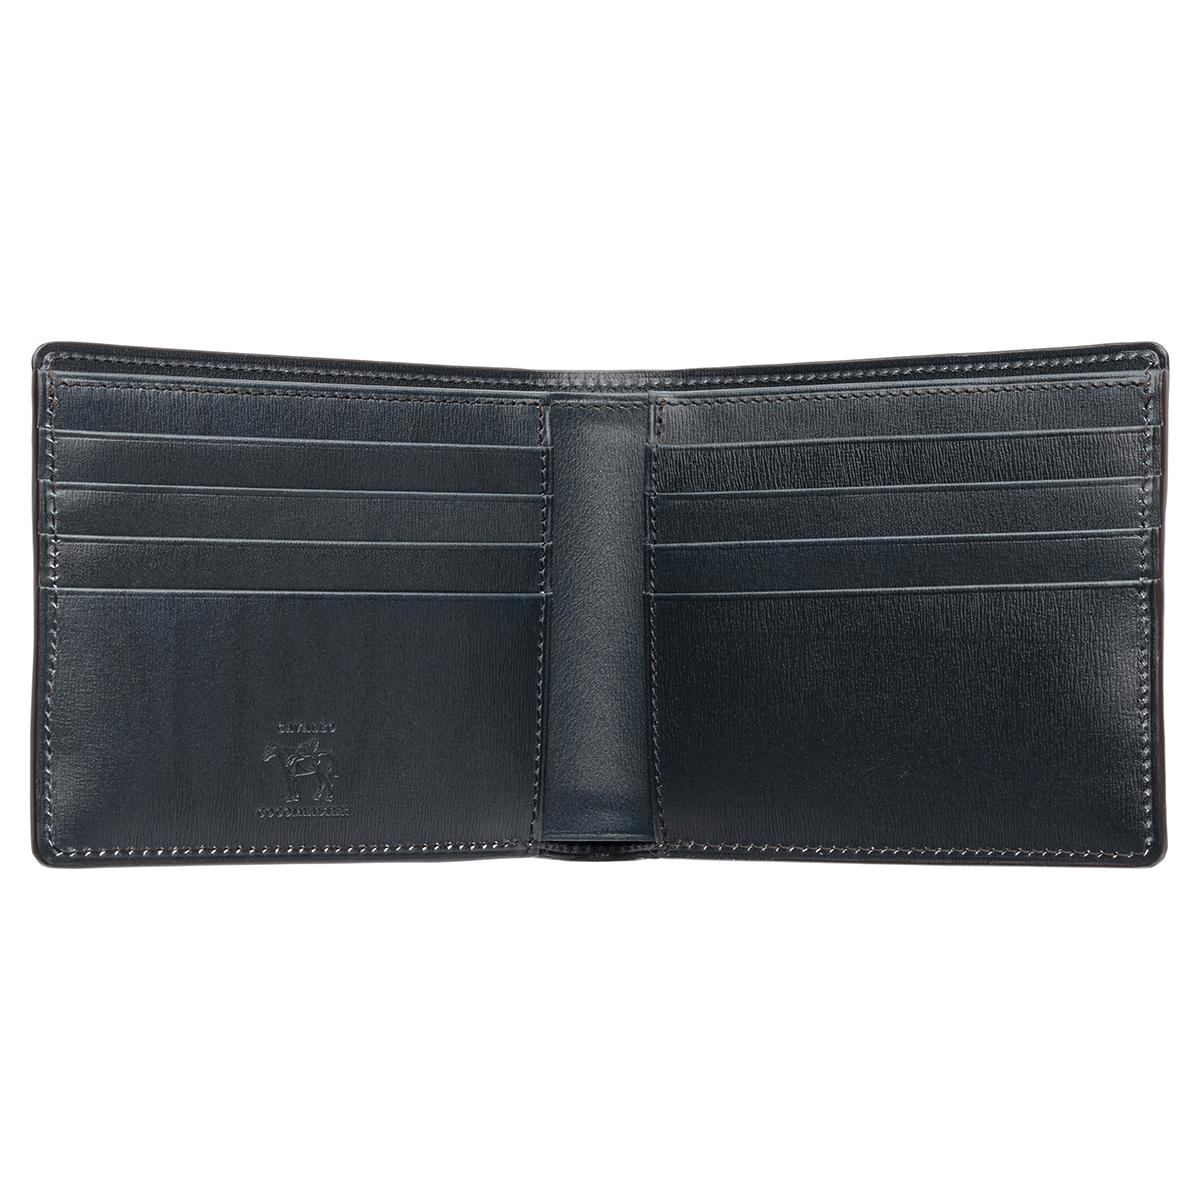 カヴァレオ ゴゴータのカードポケット